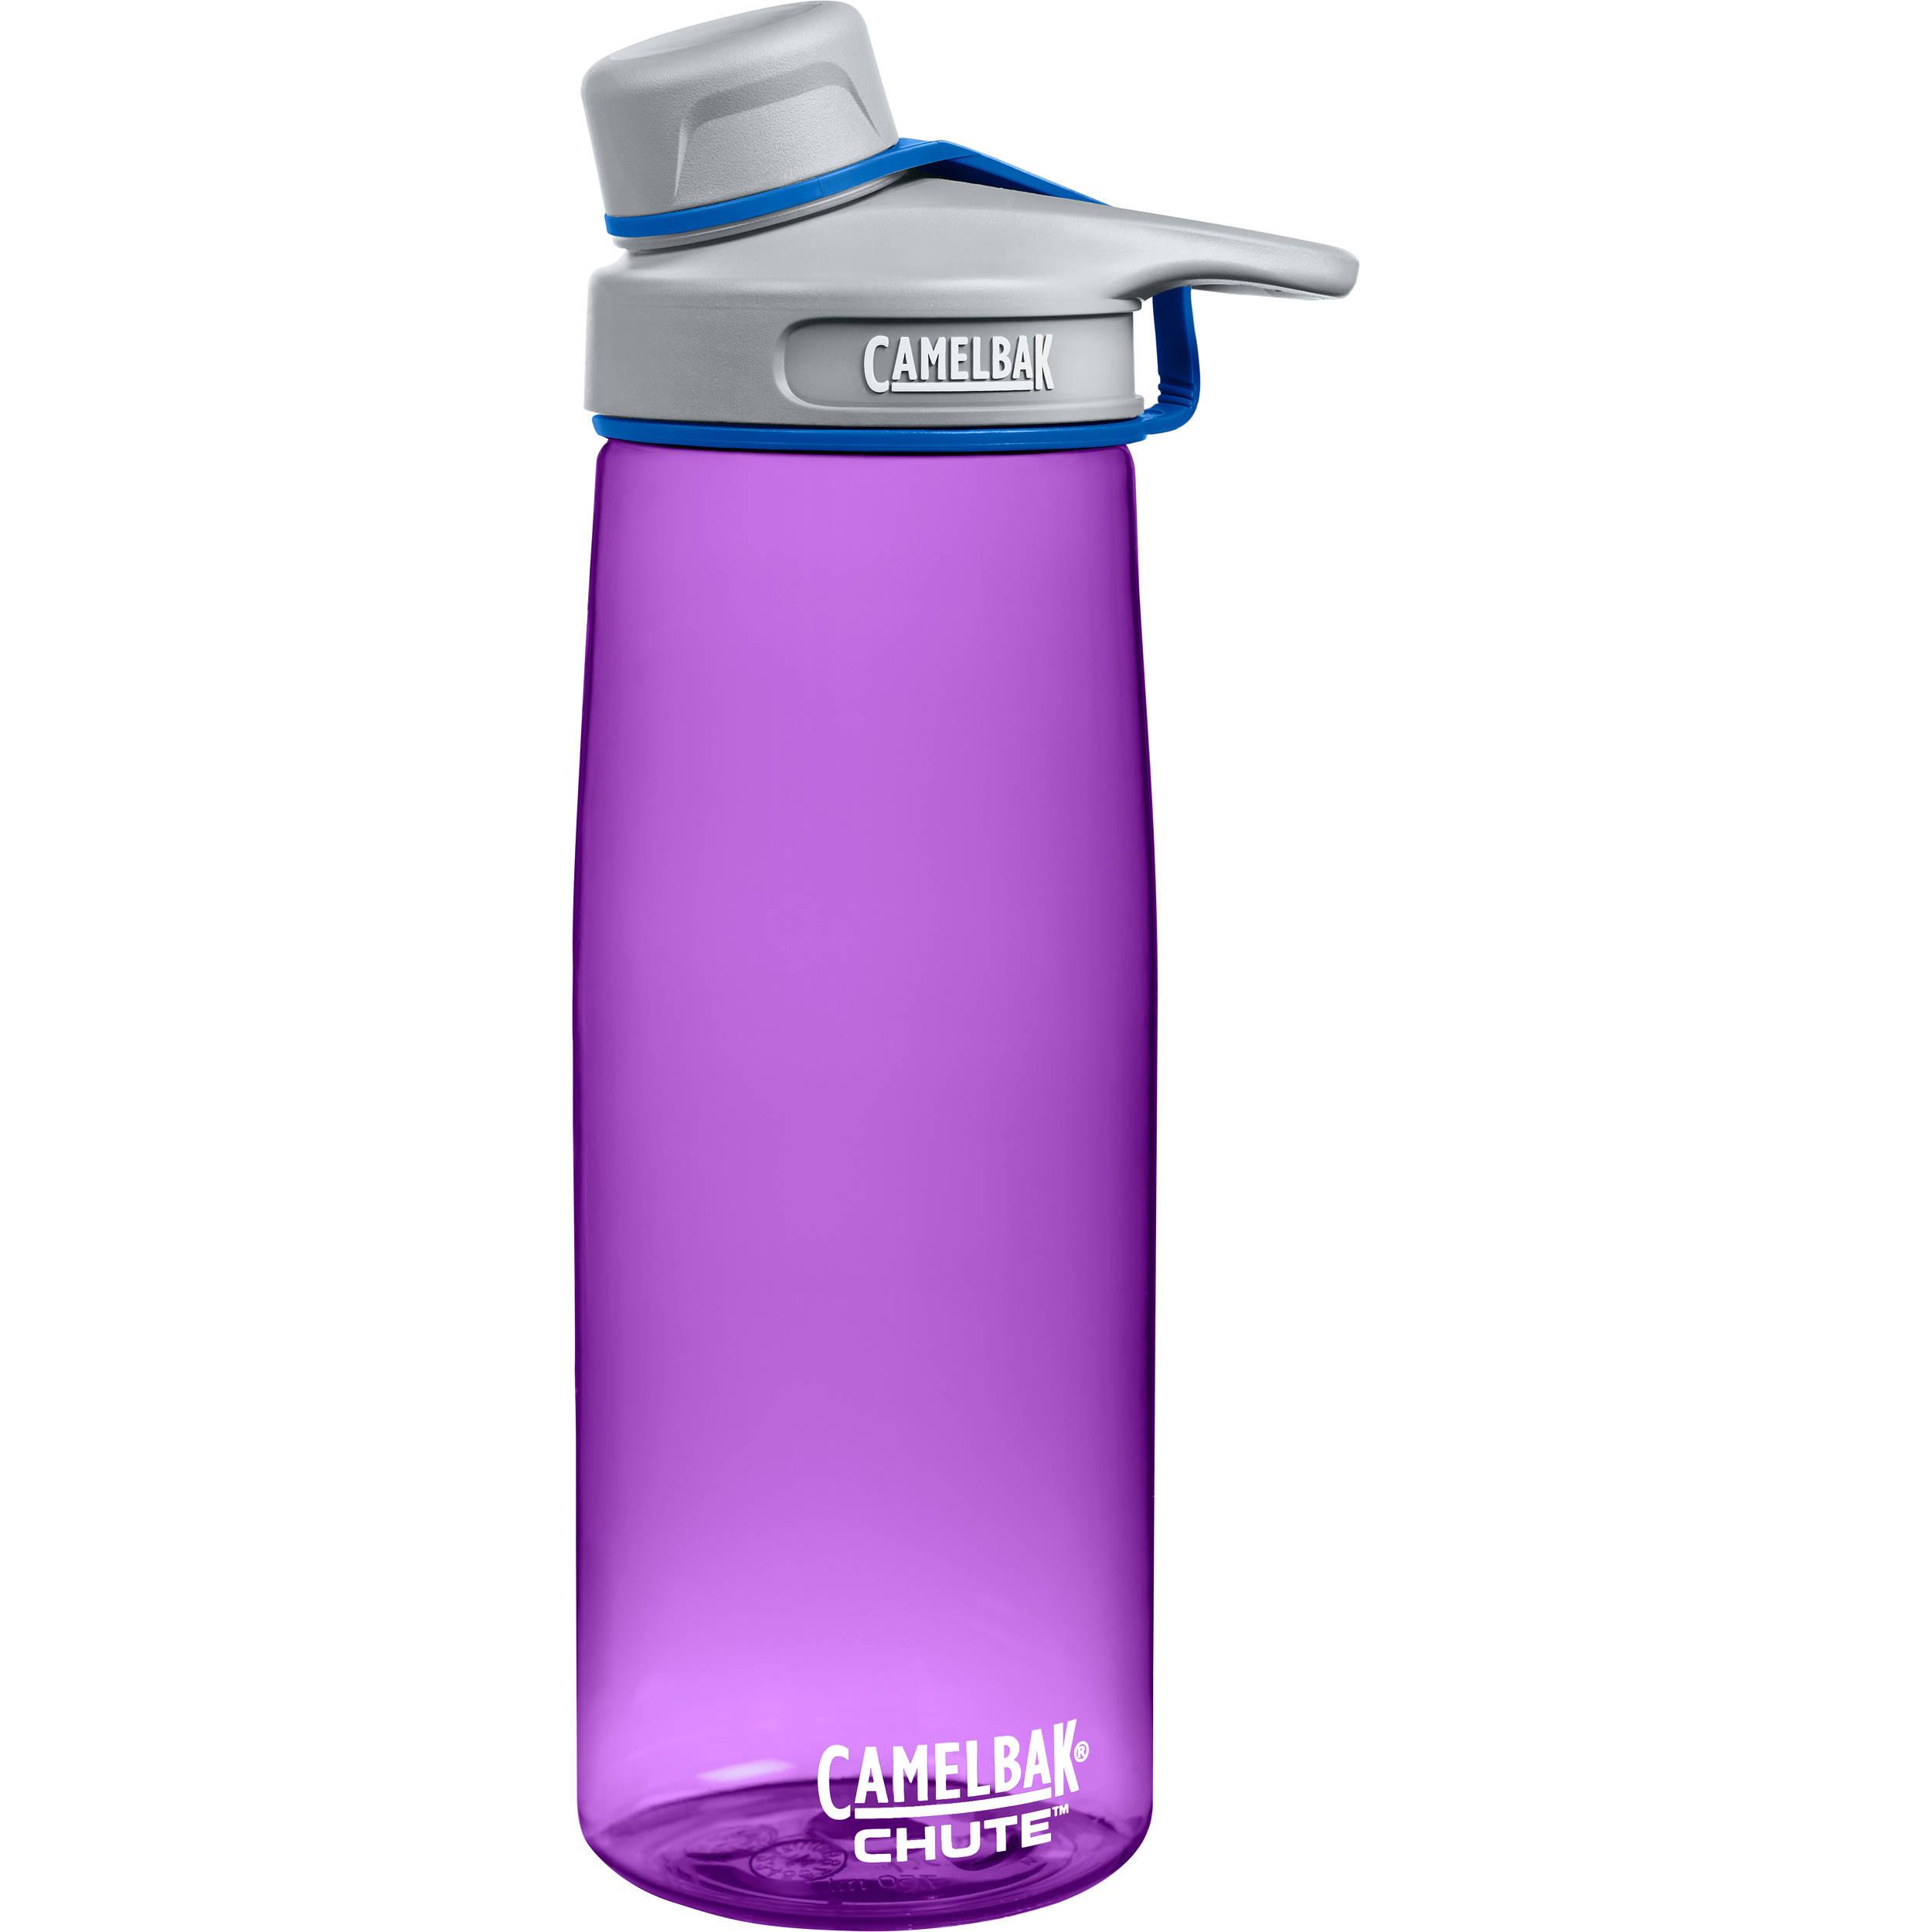 CAMELBAK Chute Water Bottle (25 fl oz, Lotus) 53839 B&H Photo